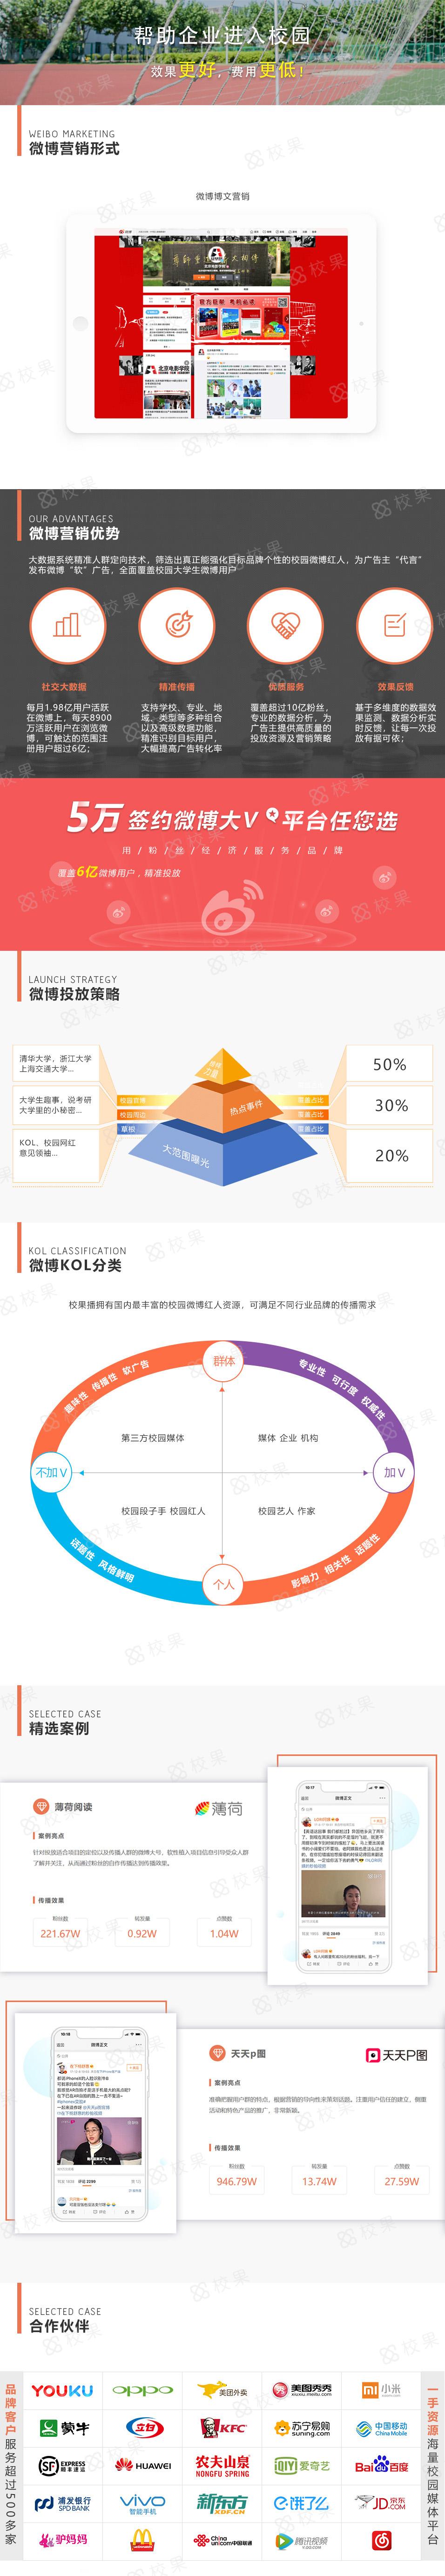 微博 南阳理工学校